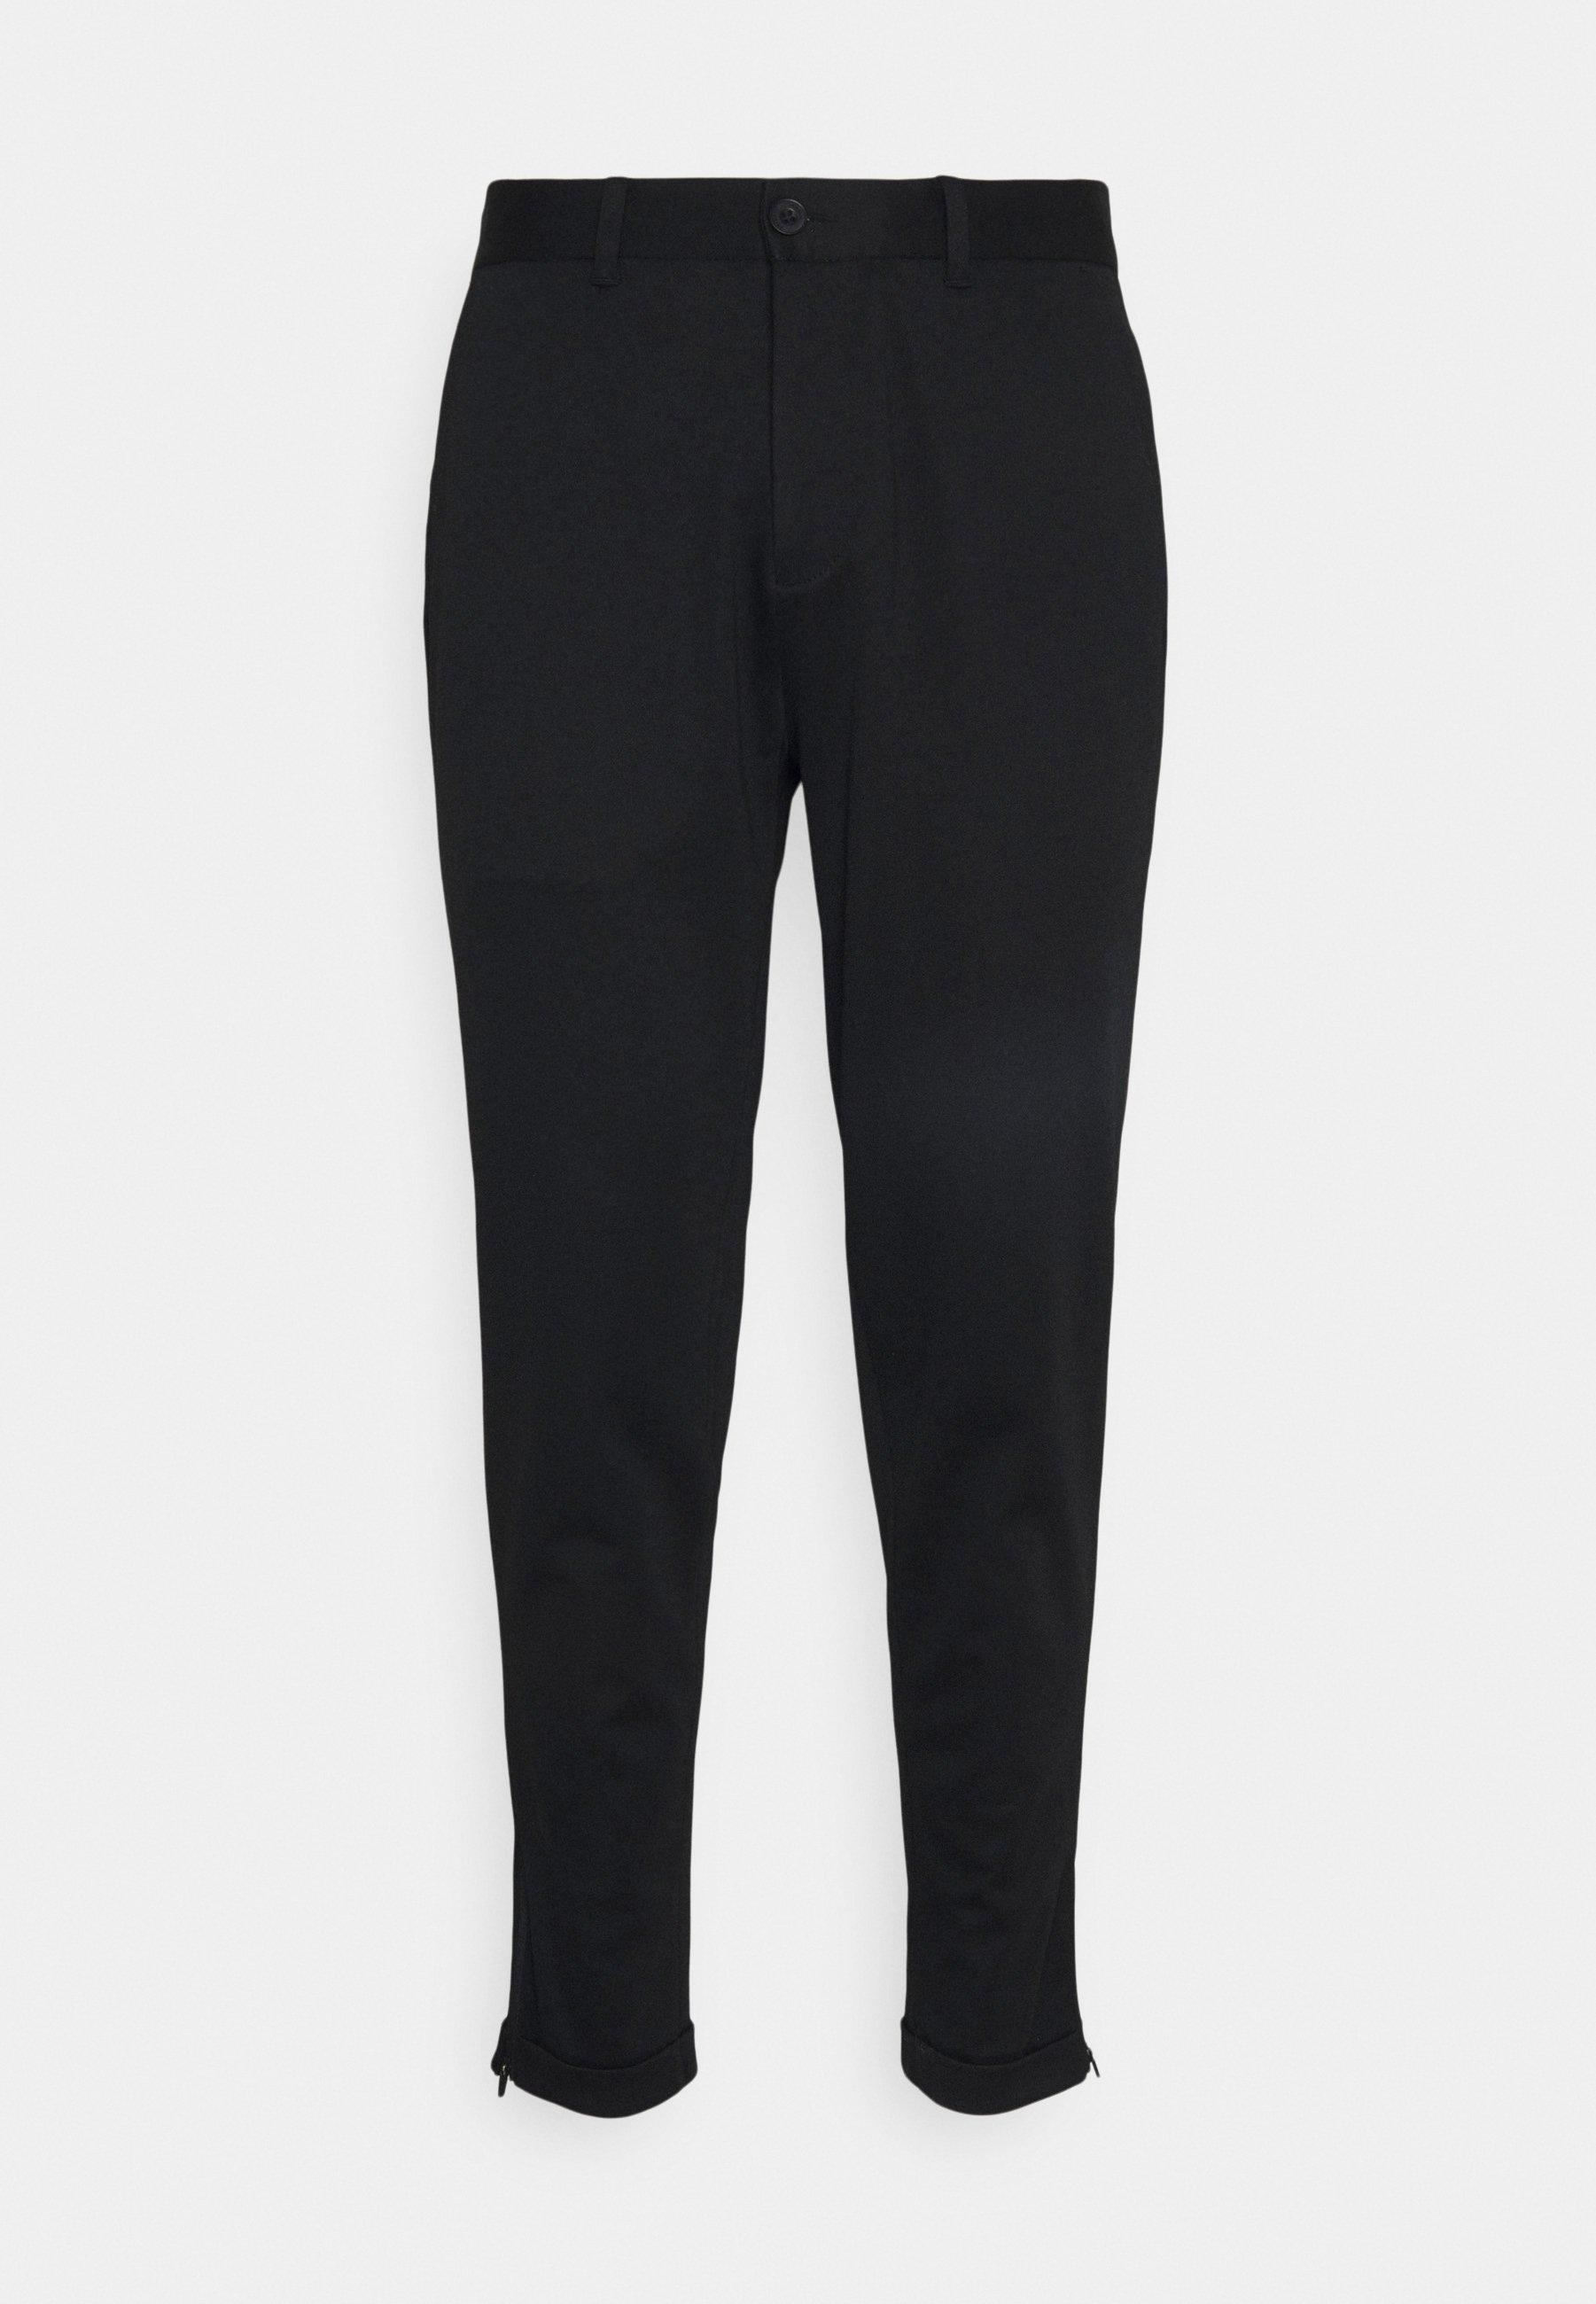 Uomo PORTMANN ZIPPER PANTS - Pantaloni